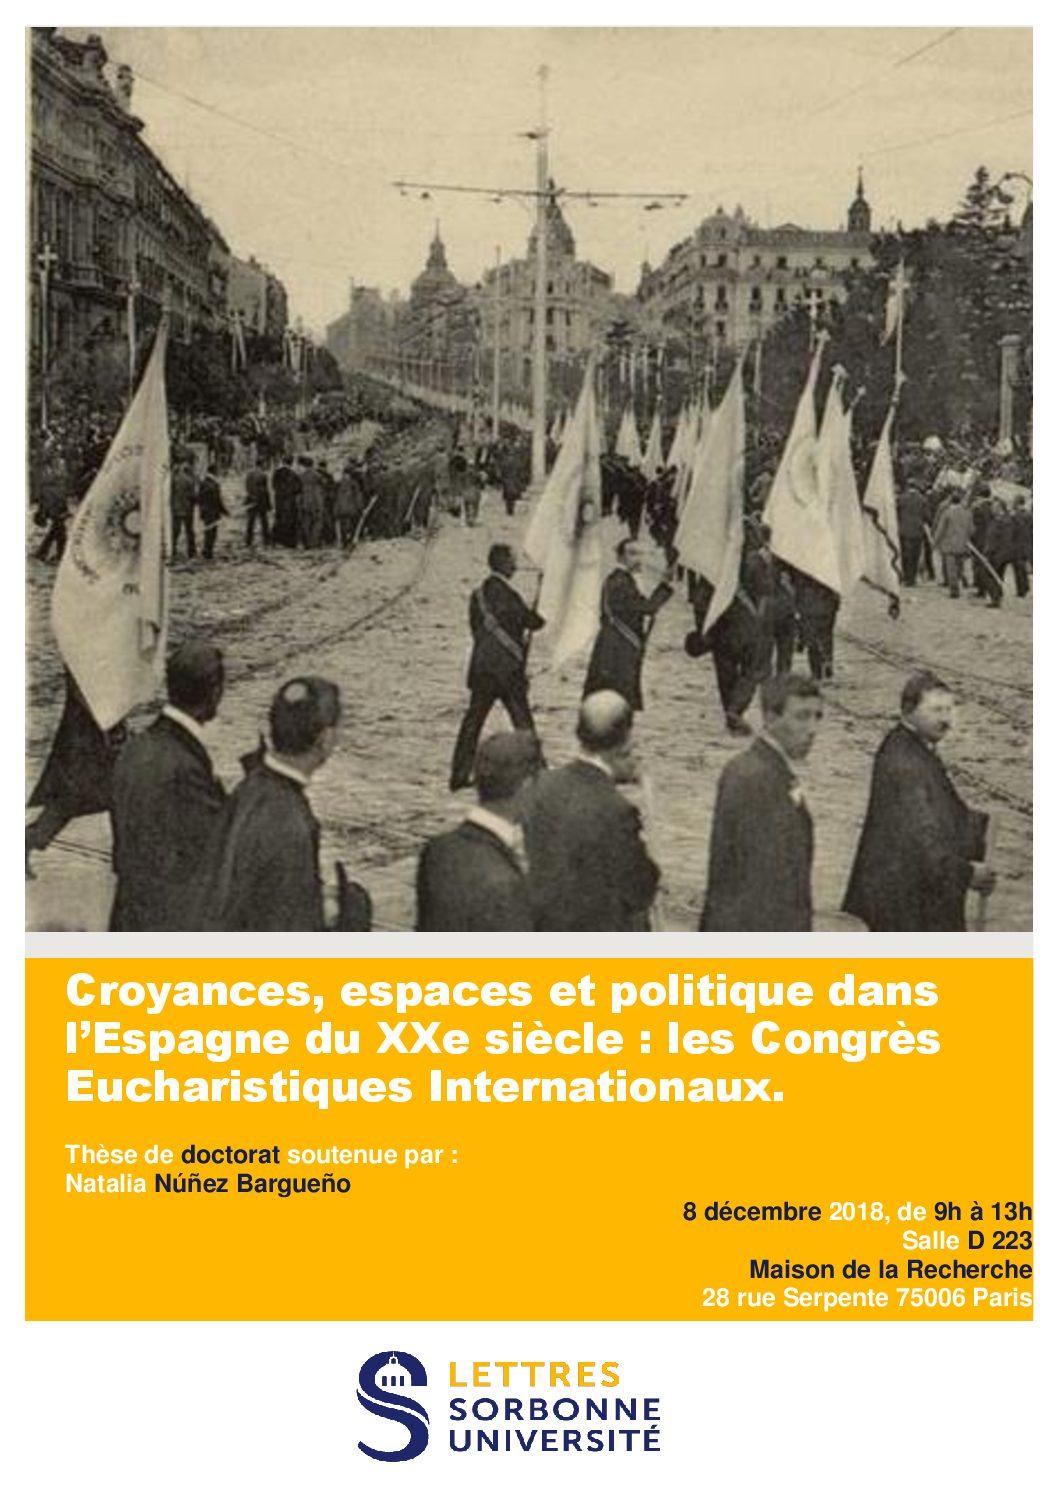 Croyances, espaces et politique dans l'Espagne du XXe siècle : les Congrès Eucharistiques Internationaux